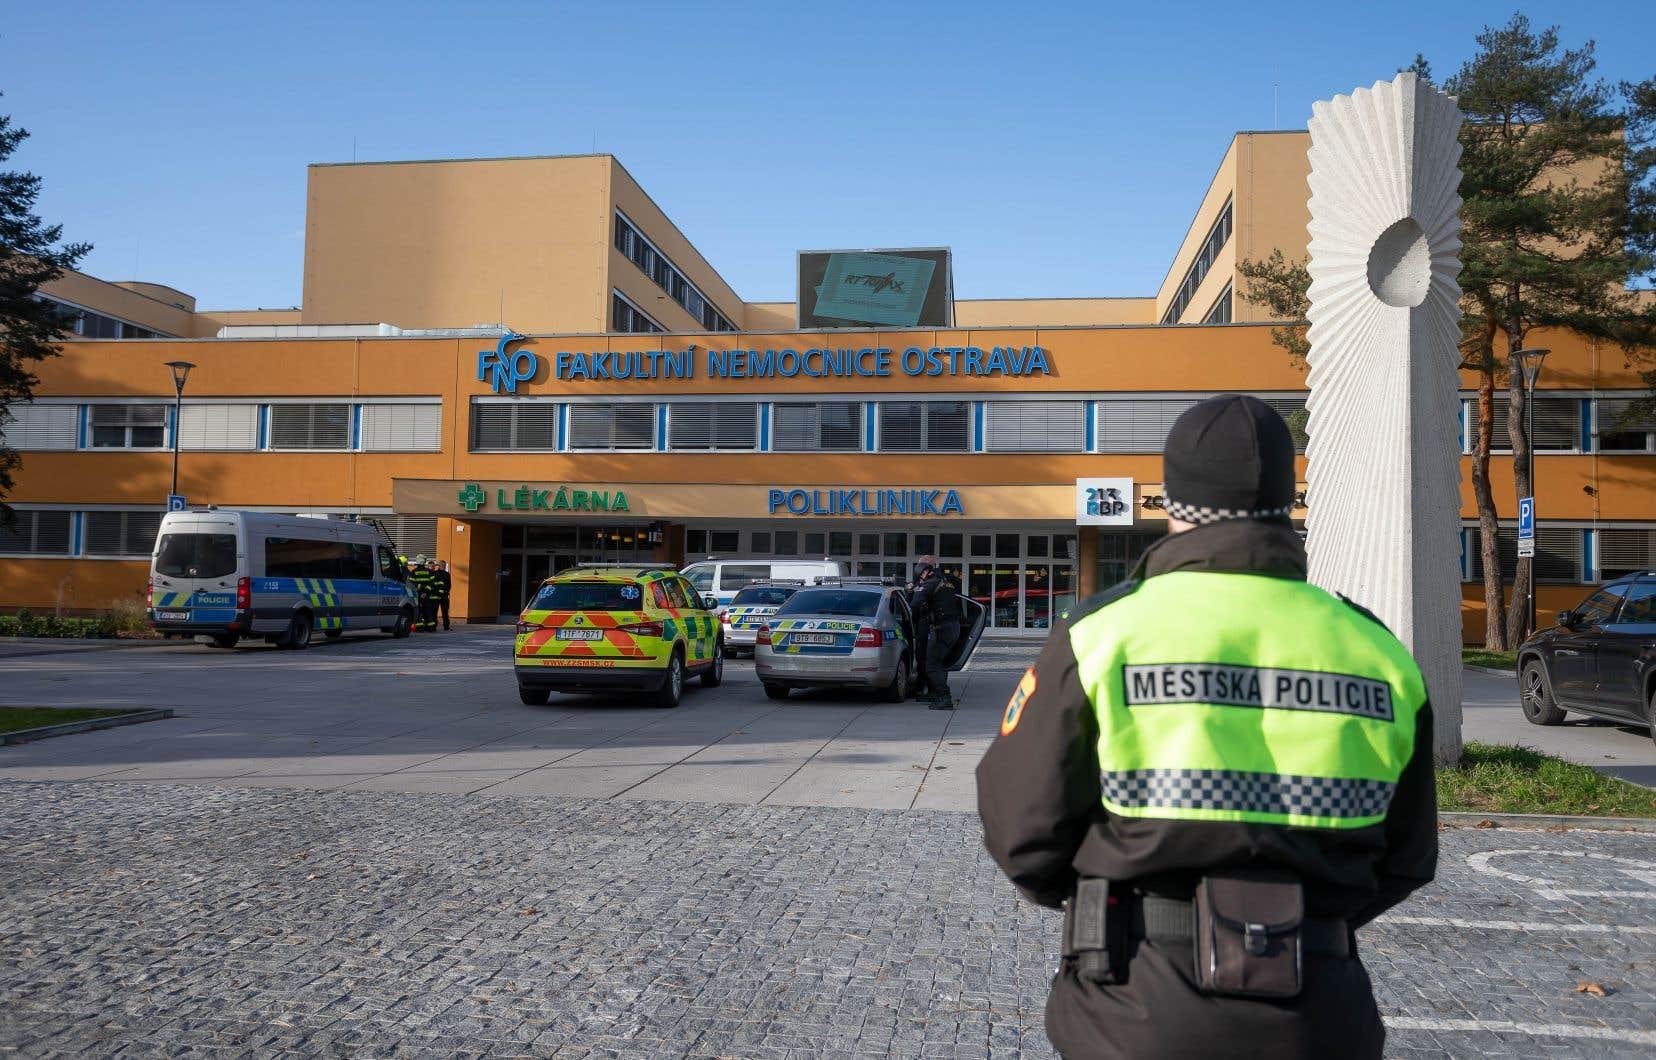 L'attaque s'est déroulée dans la salle d'attente d'un hôpital d'Ostrava, dans l'est de la République tchèque.